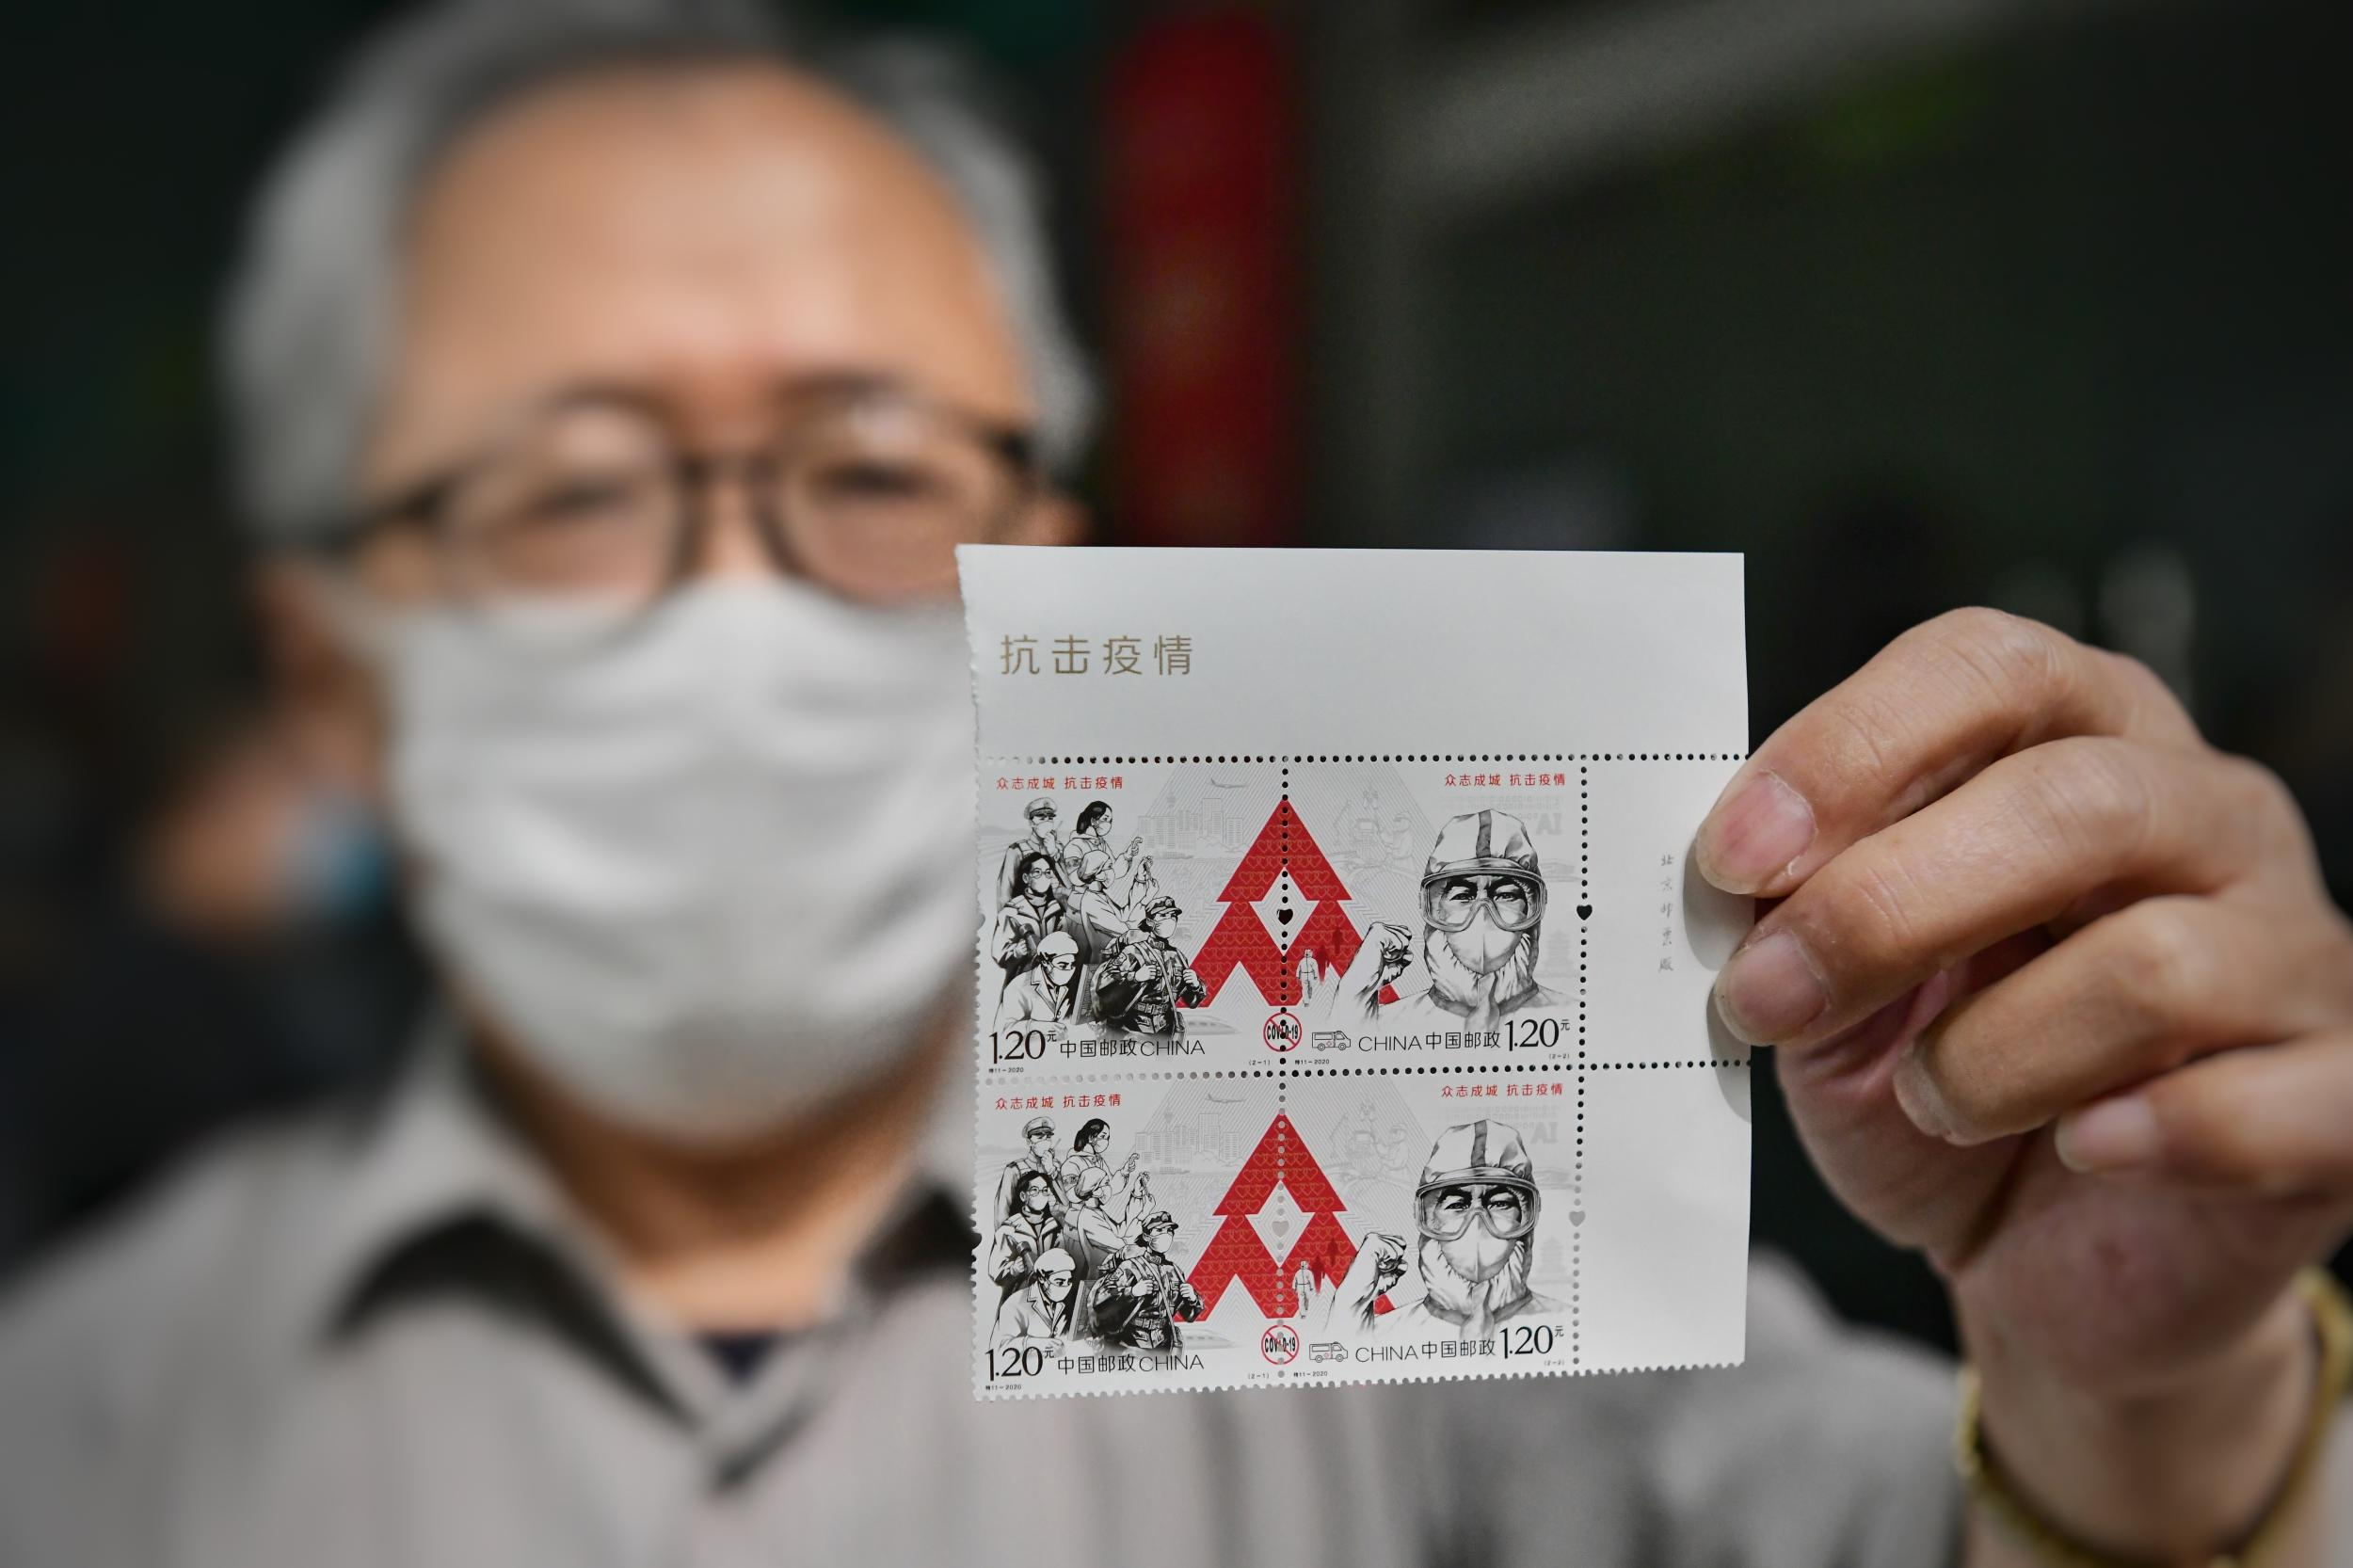 《众志成城 抗击疫情》邮票发售